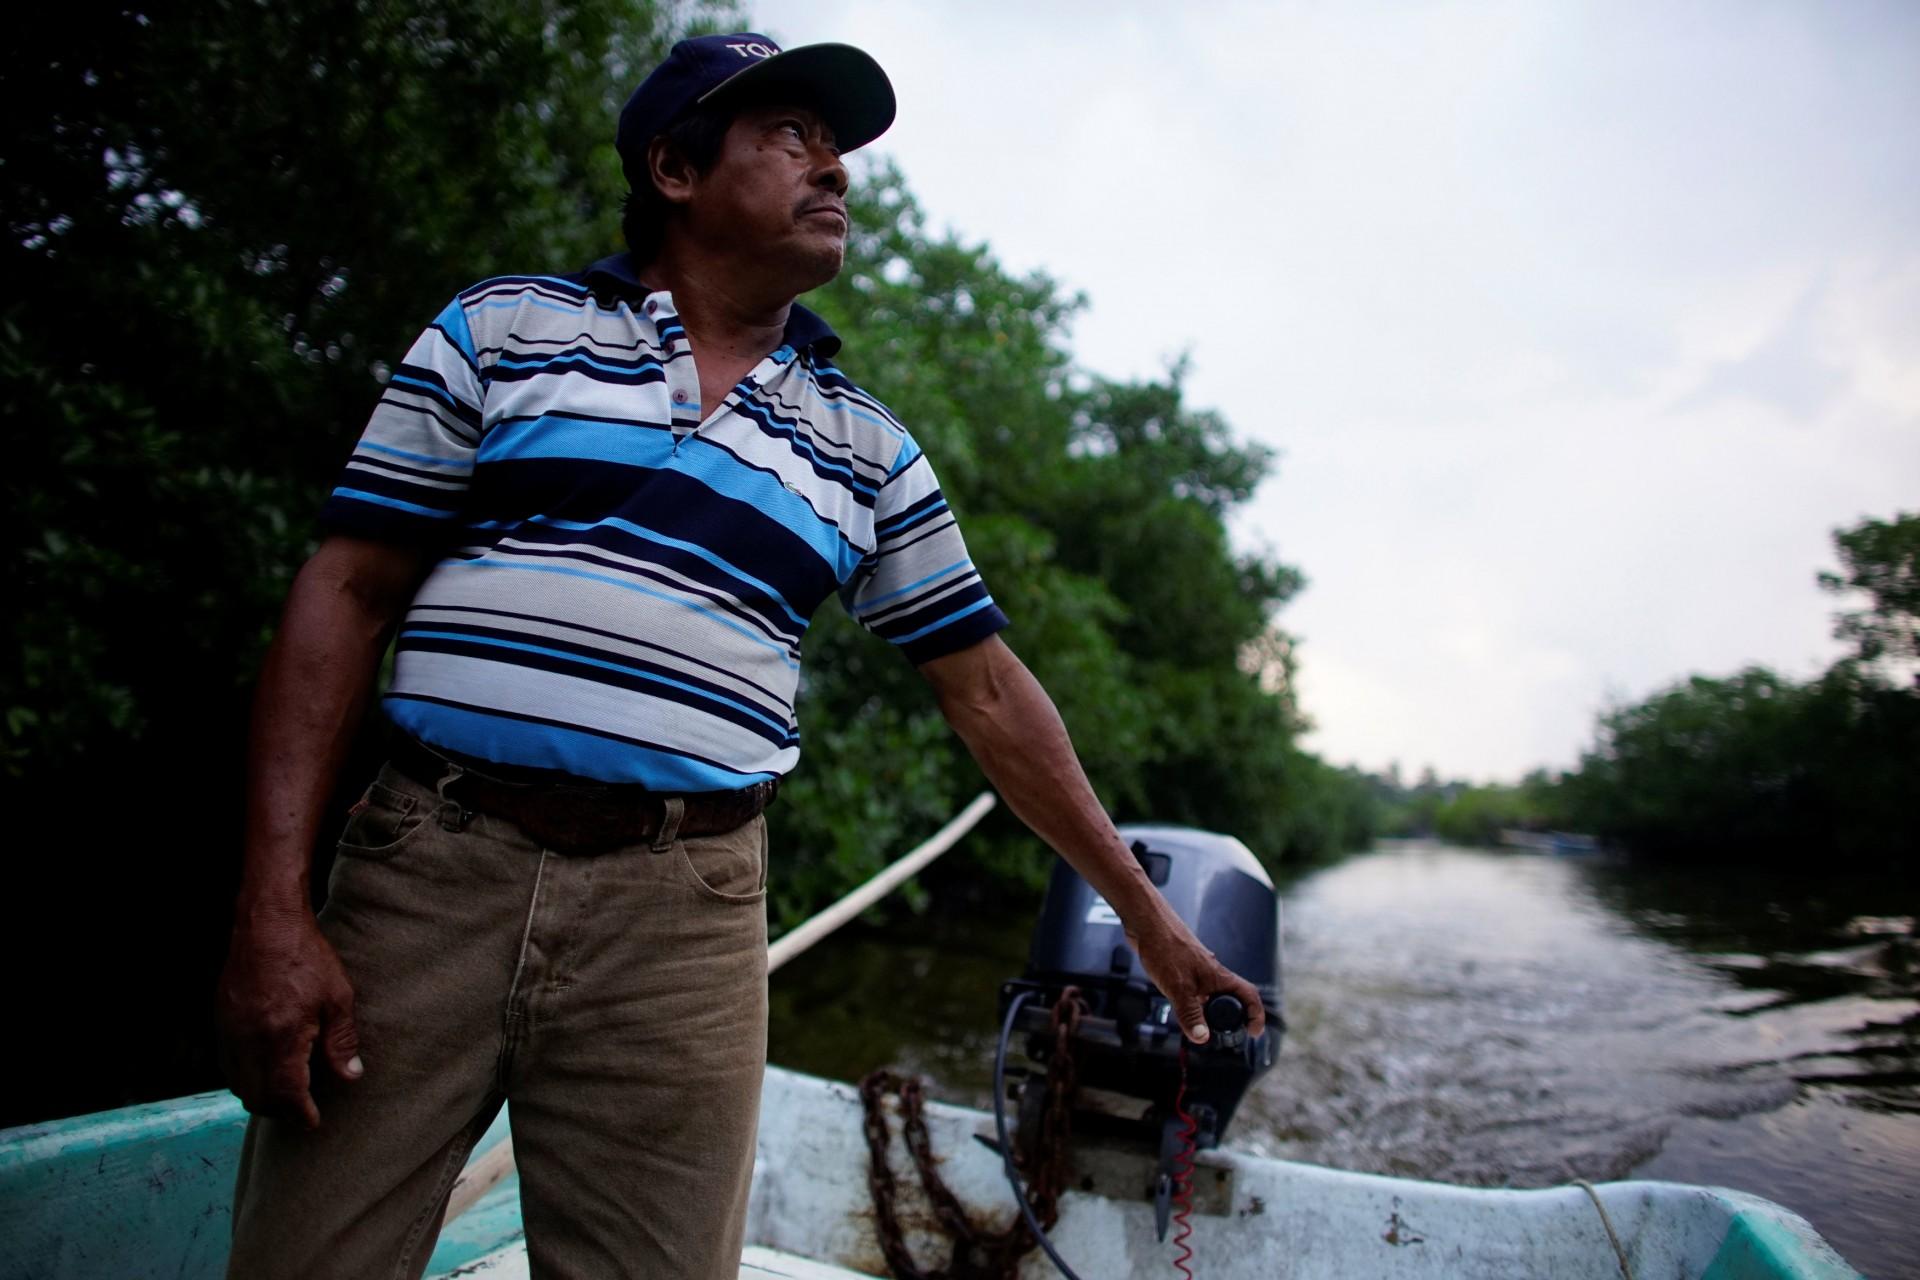 El pescador Rafael de la Cruz Hernández, de 60 años, conduce un bote en un área de manglares en Paraiso, México, el 9 de diciembre de 2018.